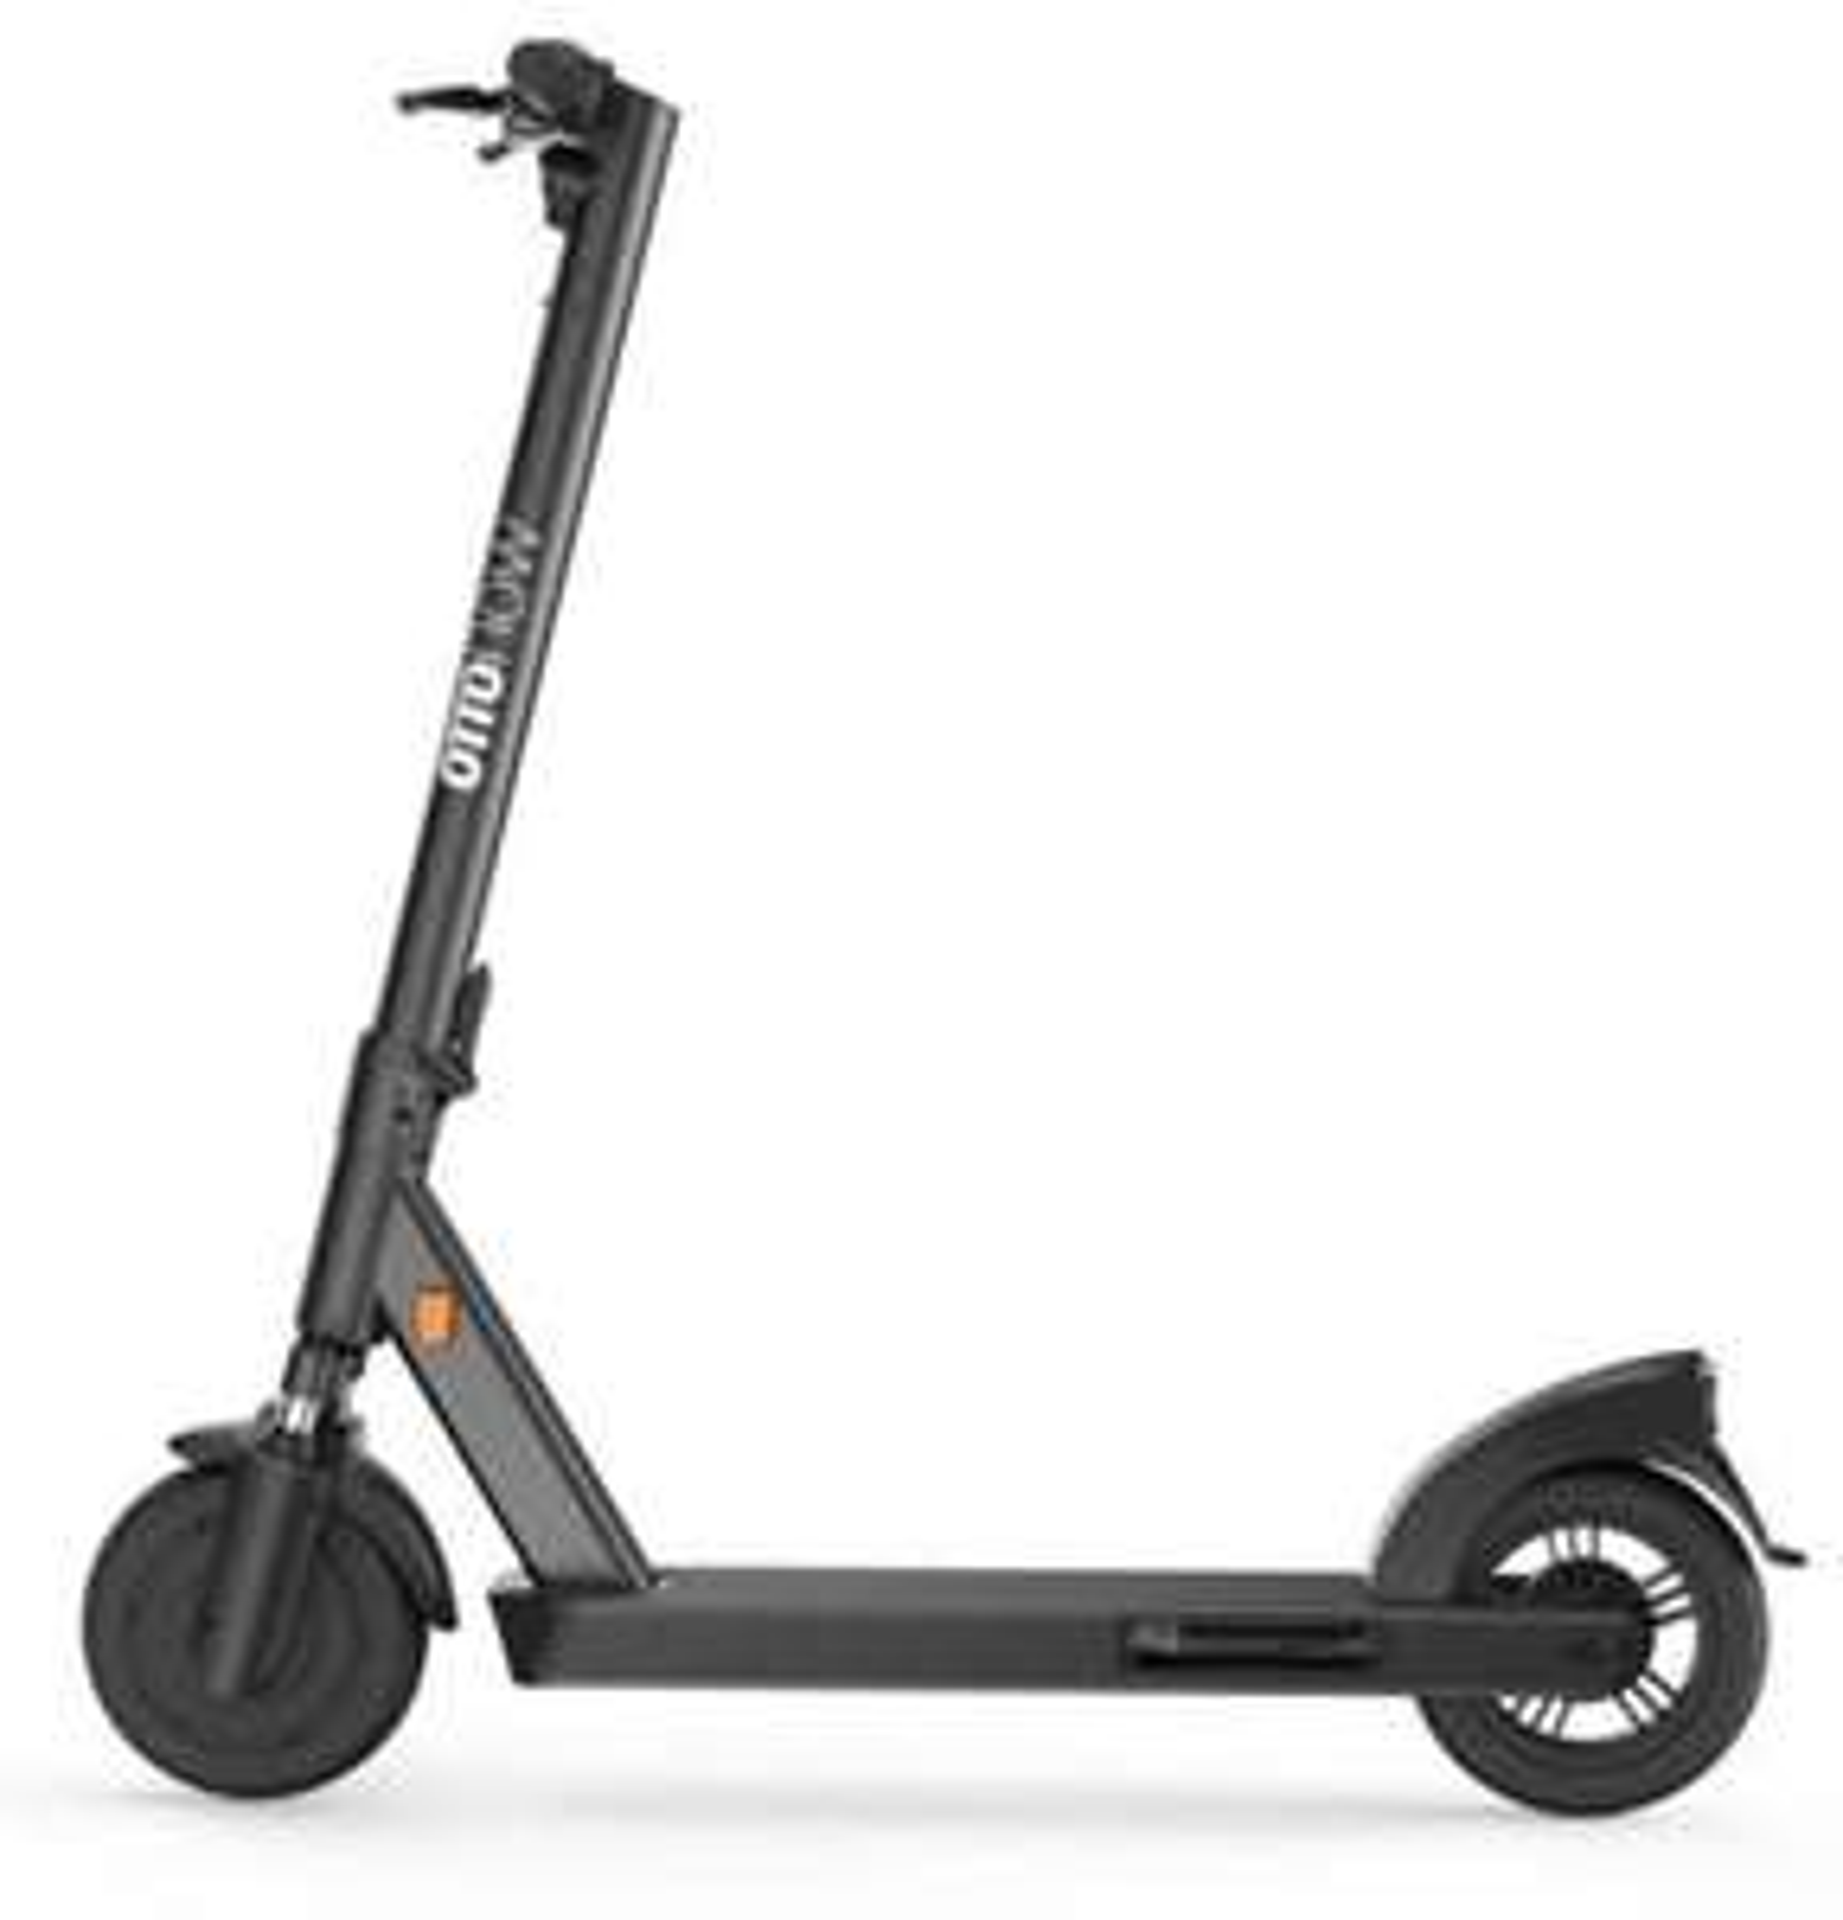 Otto startet bundesweites Abo-Modell für E-Scooter für 39€ / Monat ab Ende August unter Otto Now (Vorankündigung)